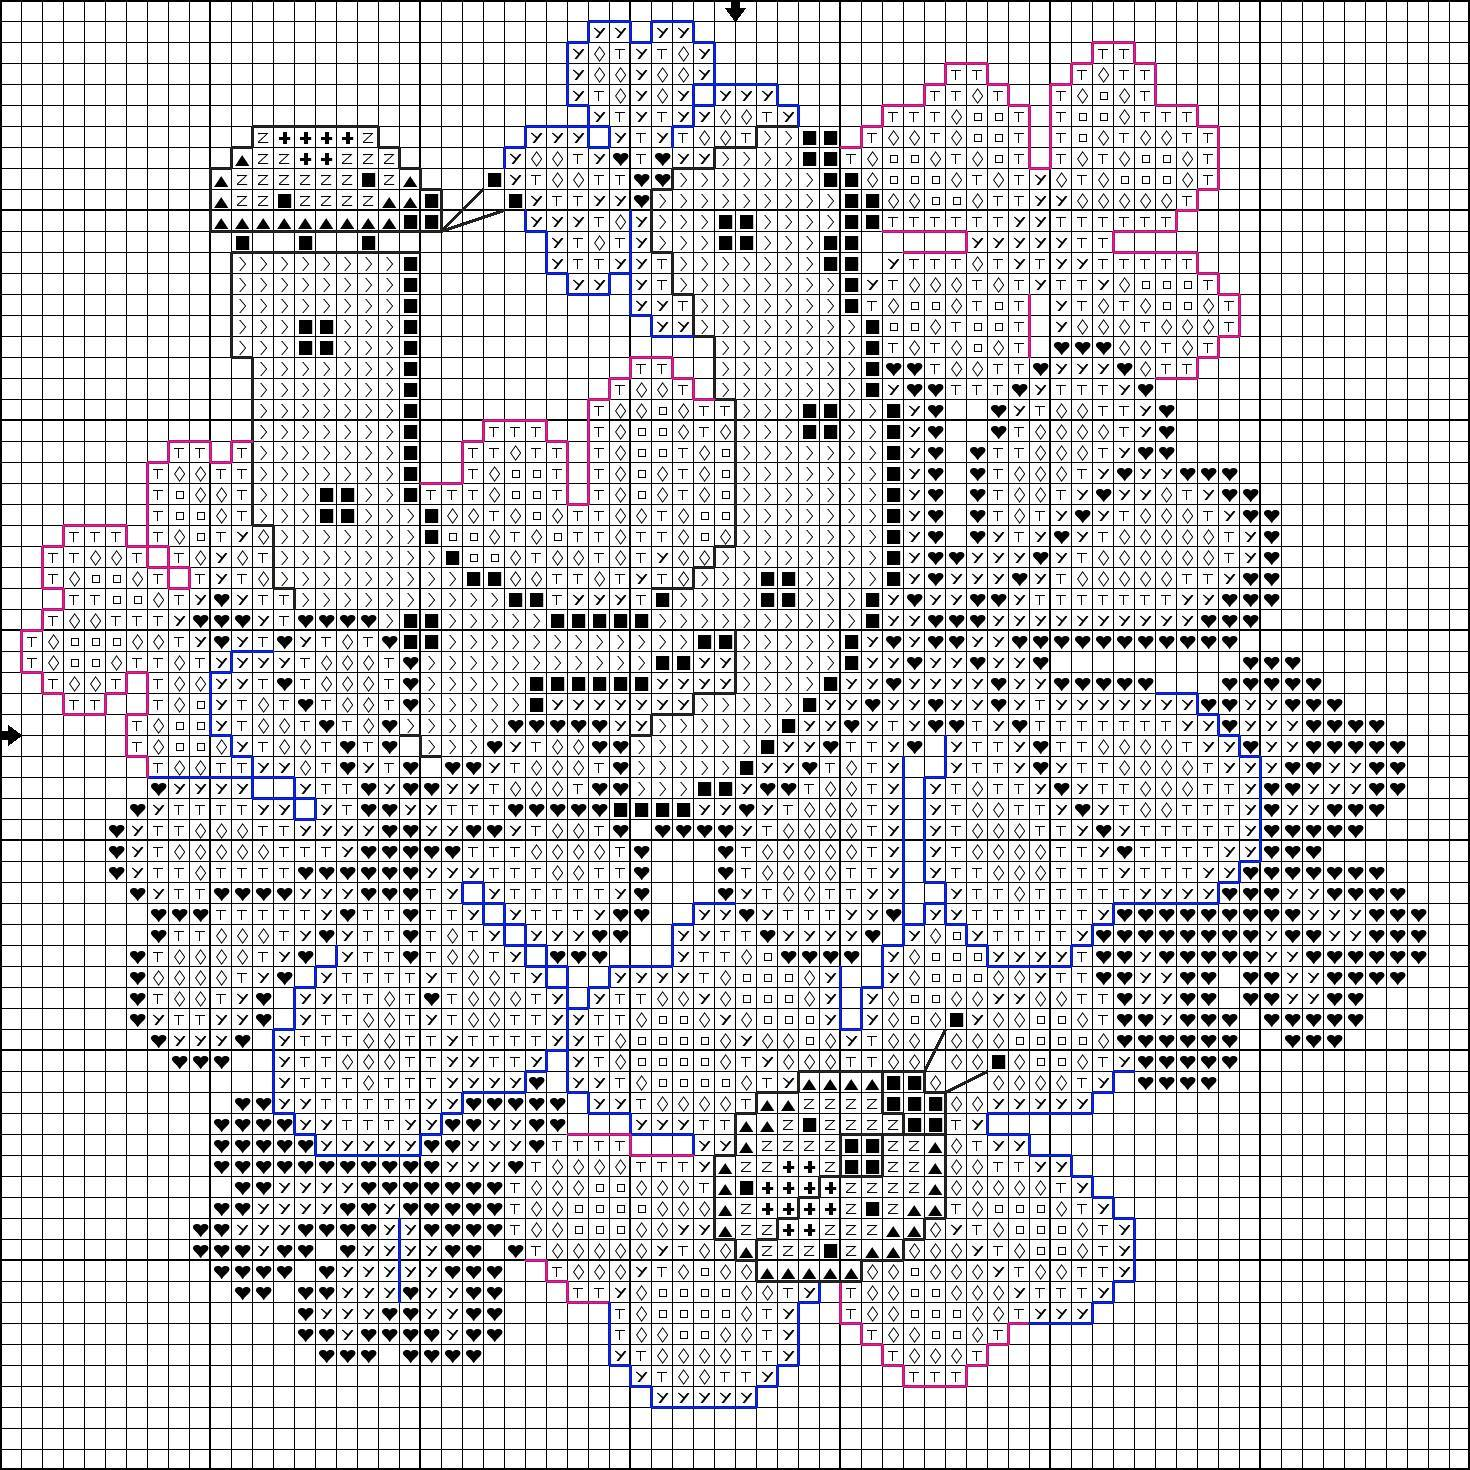 Вышивка крестом схемы на удачу 511